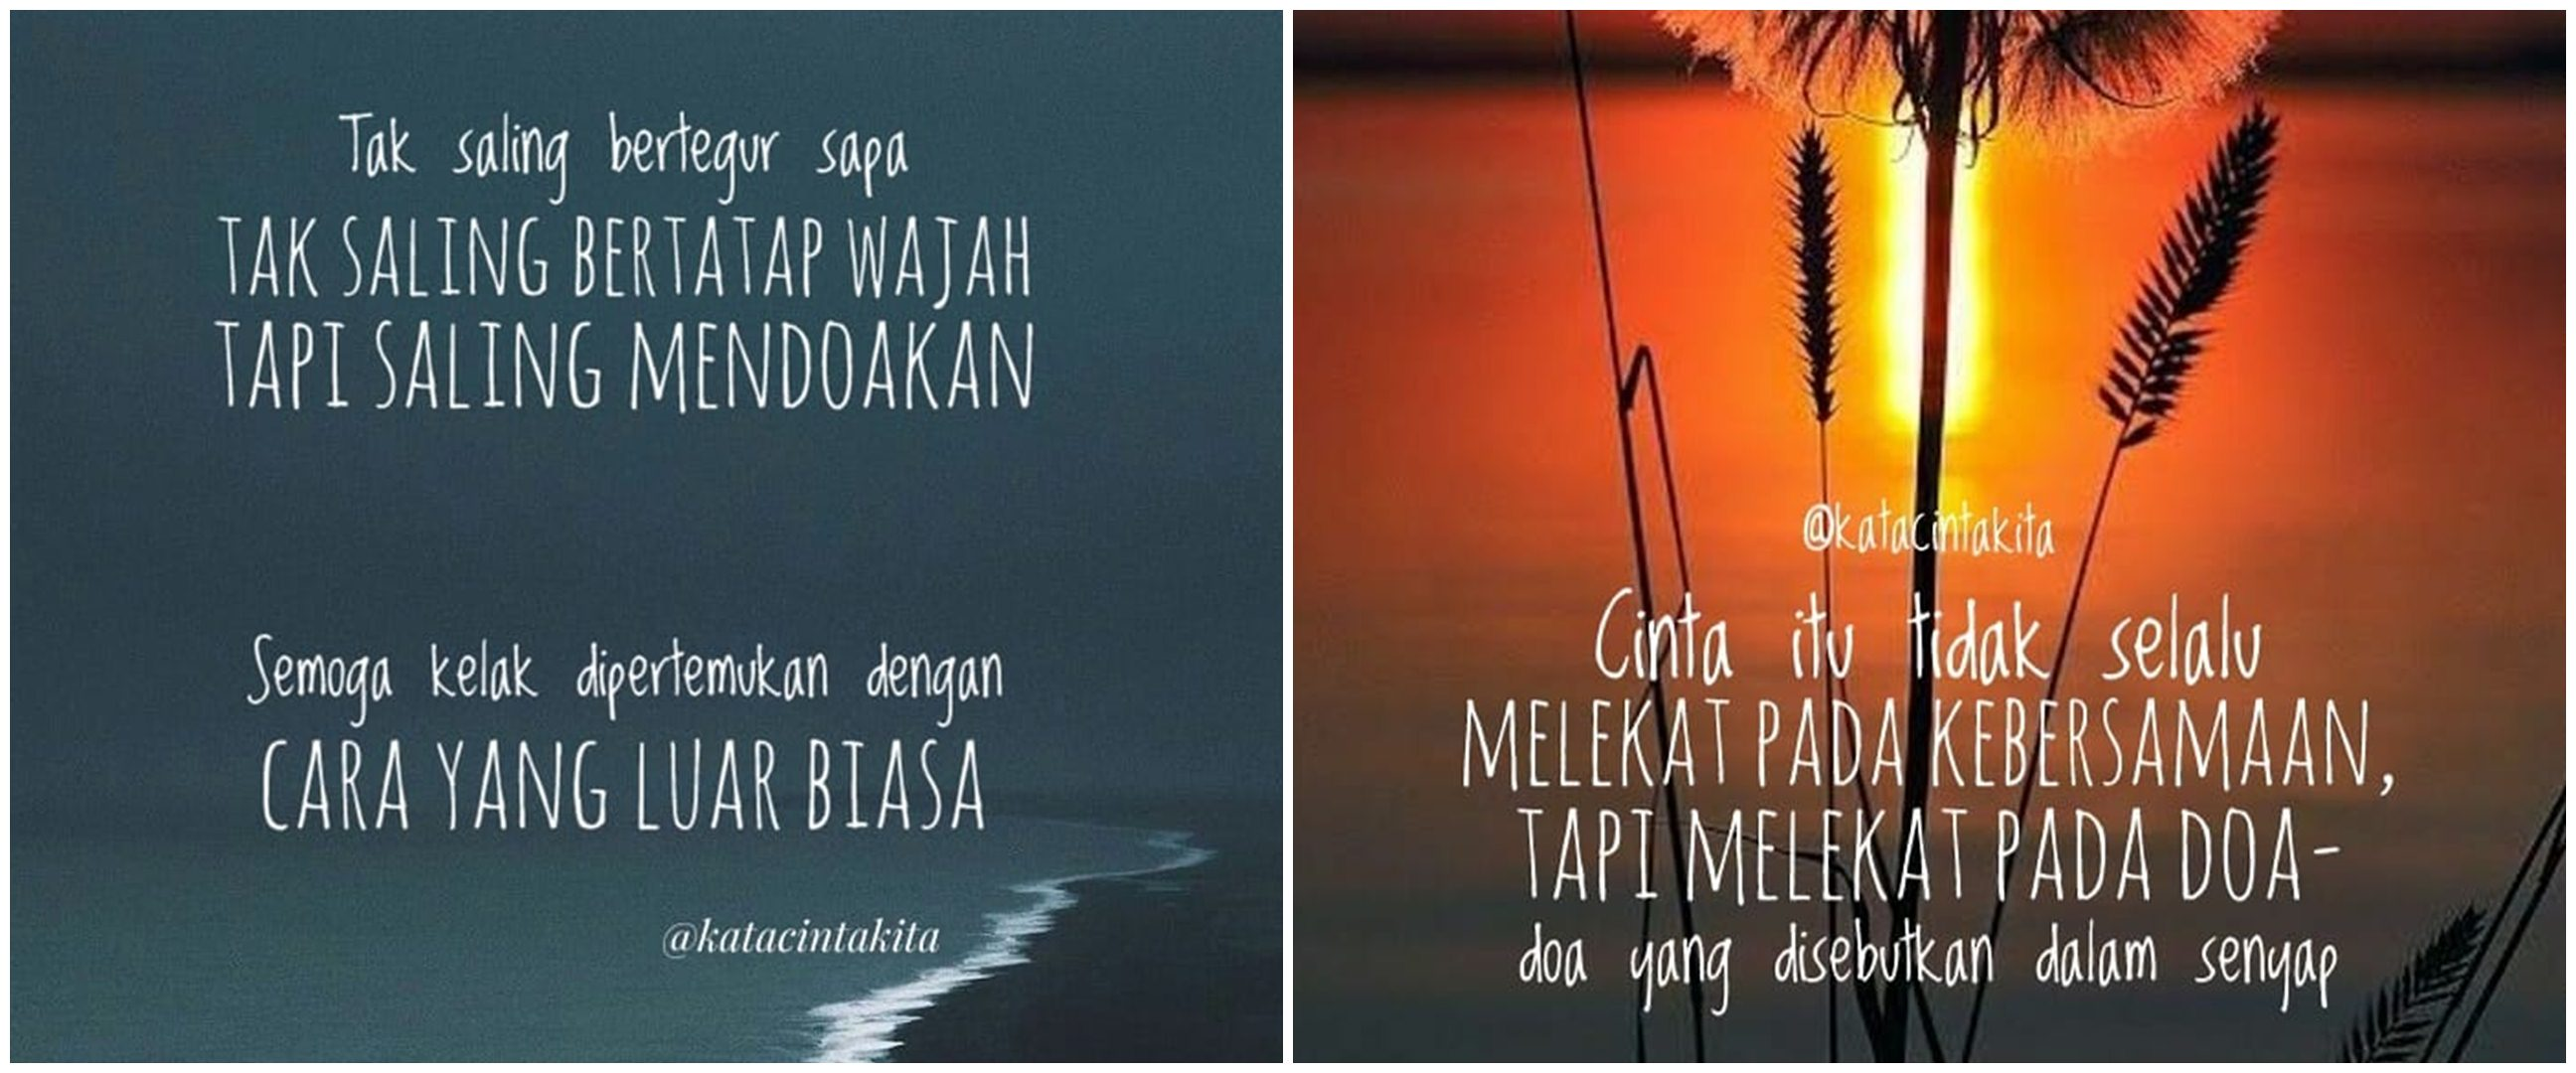 121 Kata-kata quote cinta romantis, sederhana tapi manis